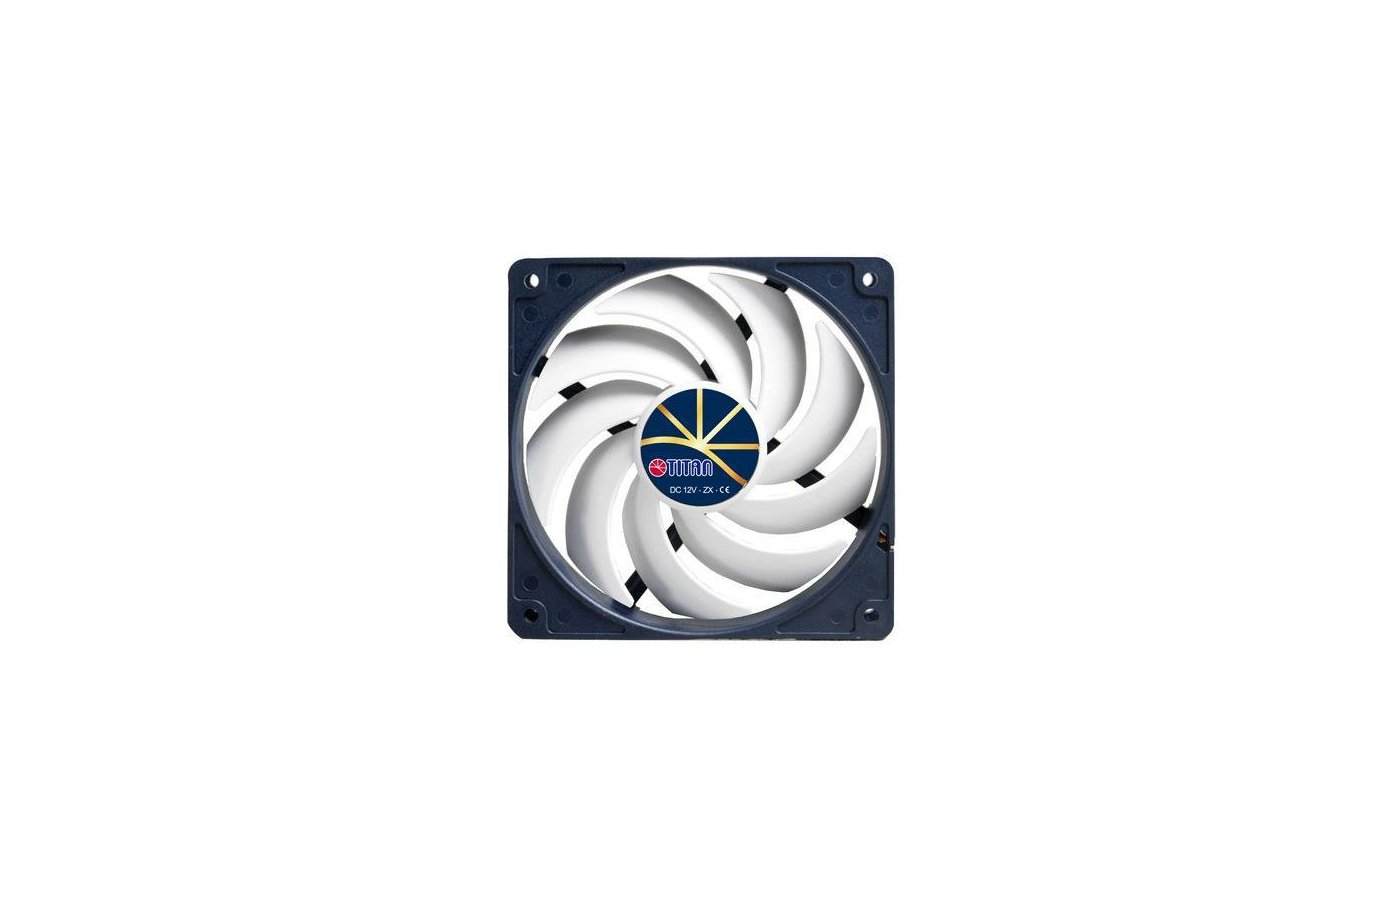 Охлаждение Titan TFD-12025H12ZP/KE(RB) 120x120x25 4pin 5-37dB 206g винты extreme-silent RTL для корпуса